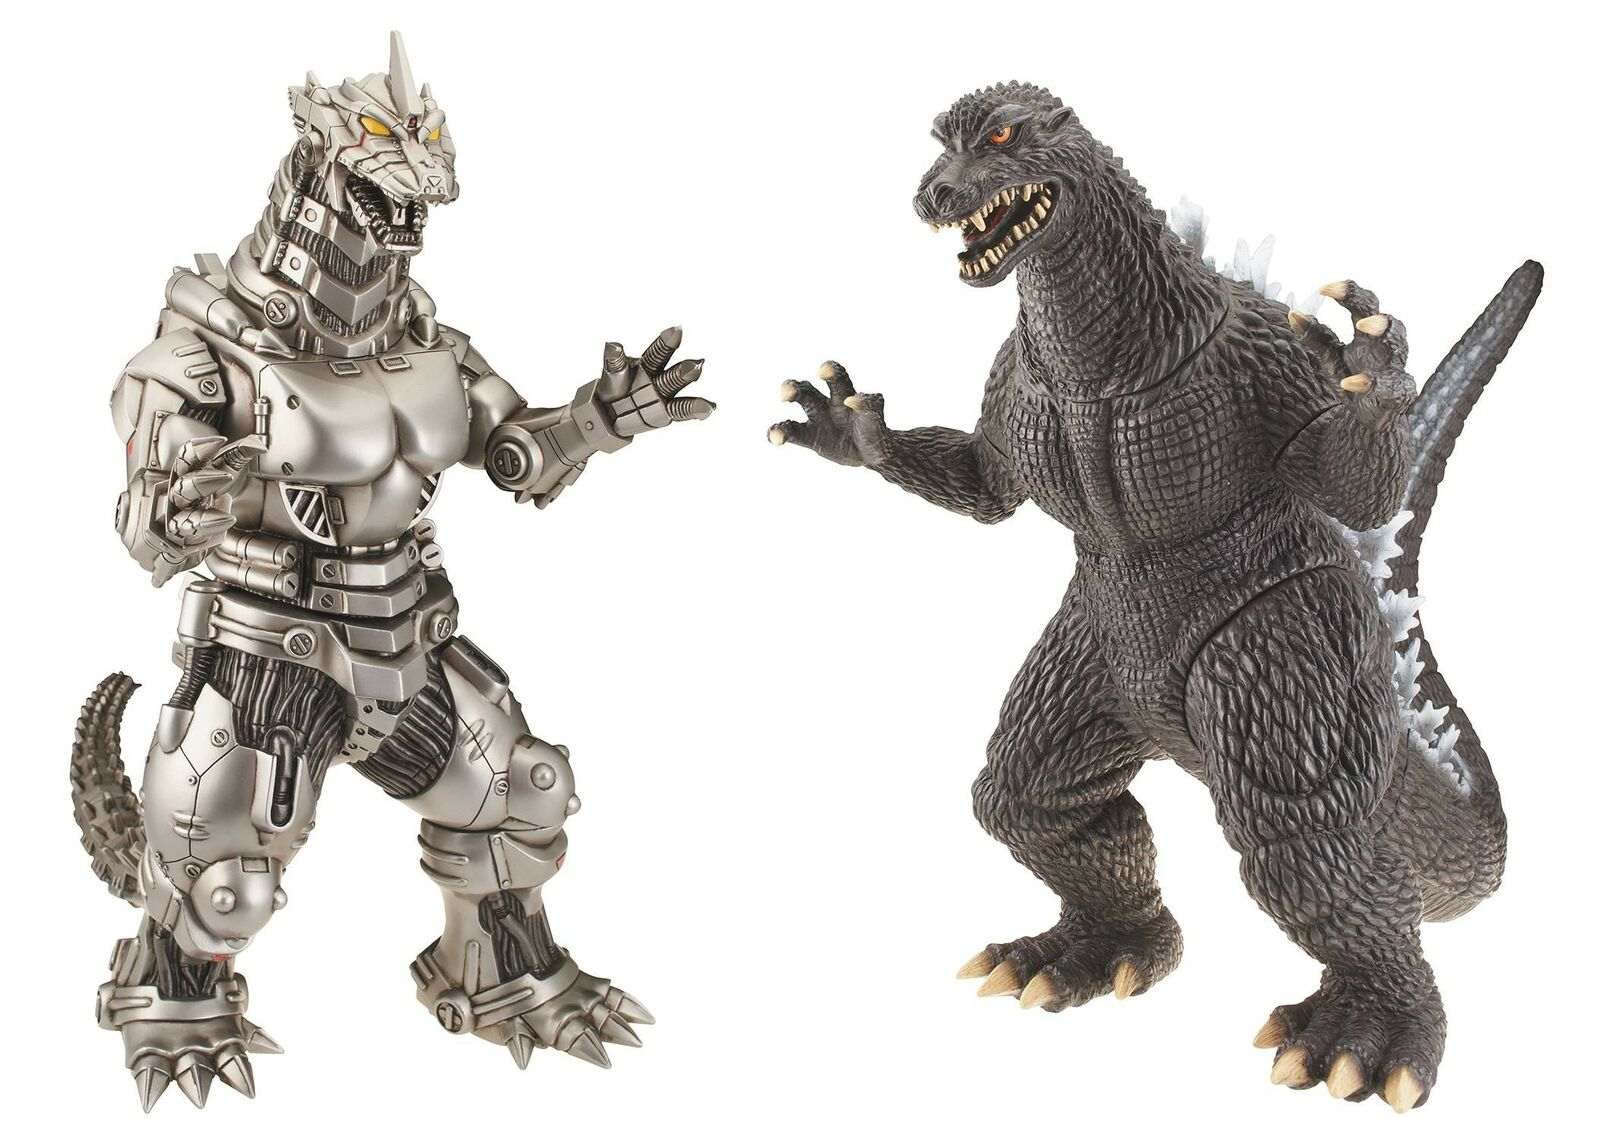 Final Wars Godzilla & Milenio Mechagodzilla 12 Pulgadas Conjunto de 2 figuras de vinilo